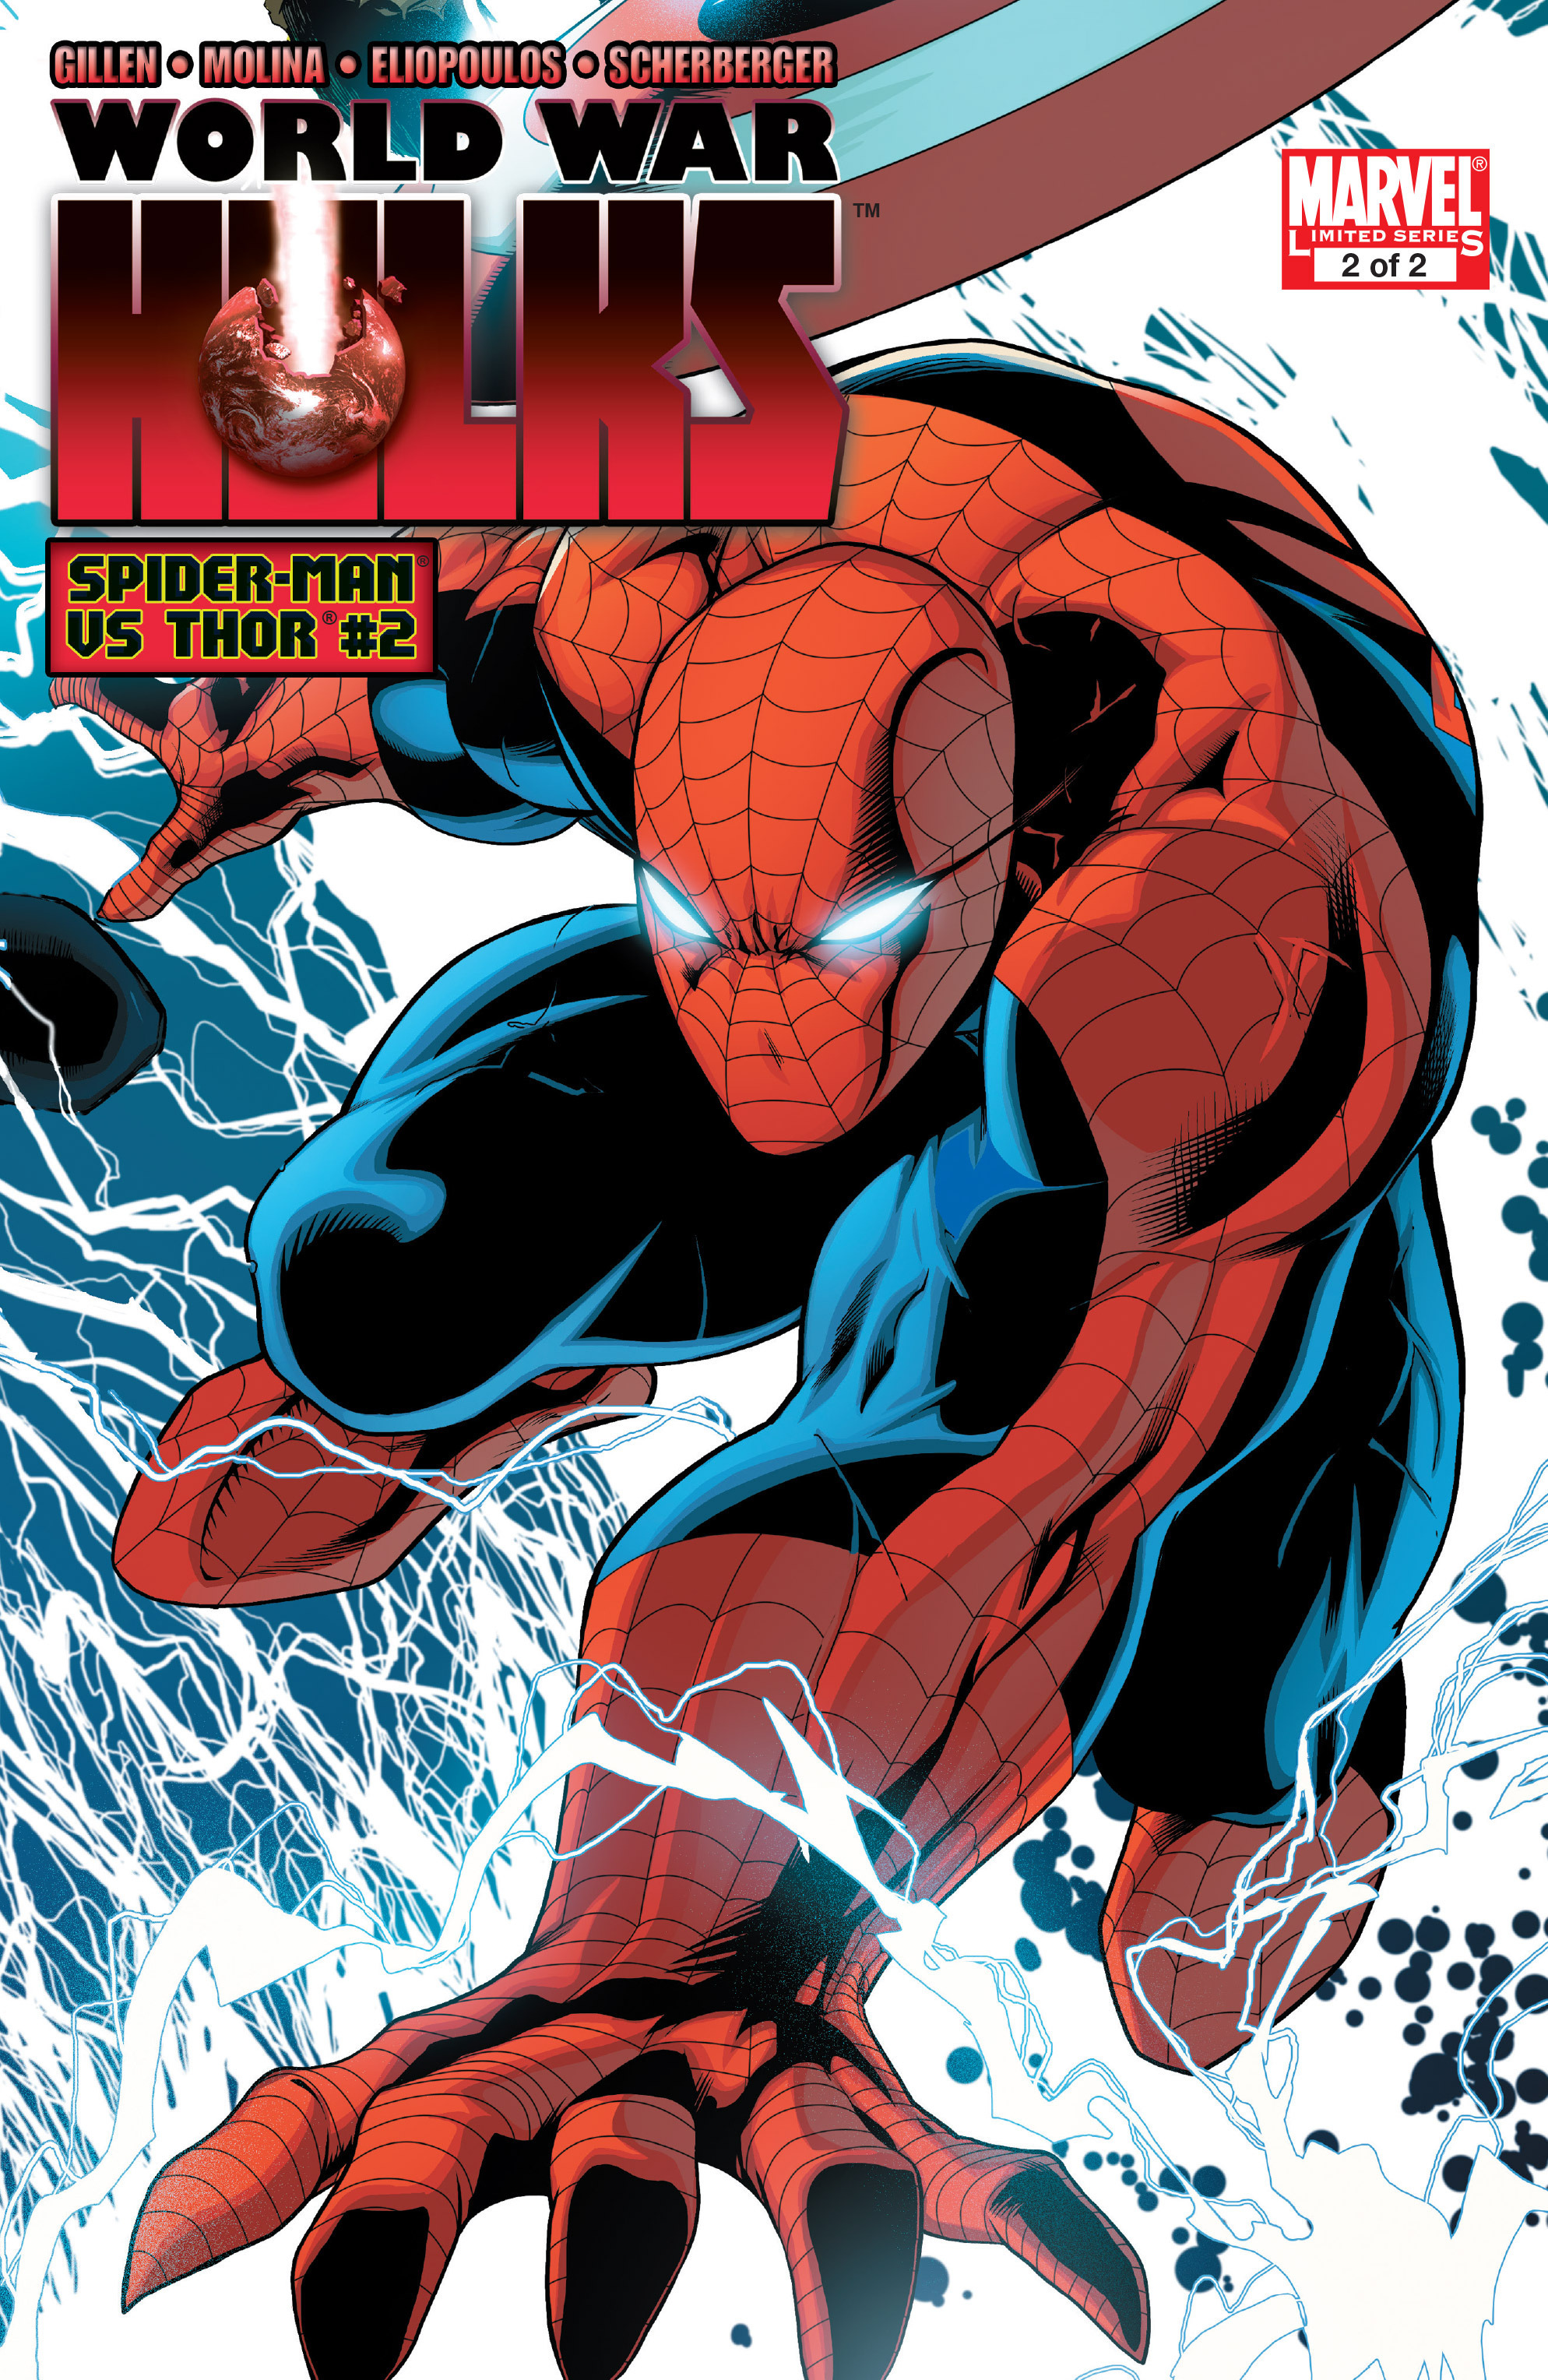 Read online World War Hulks: Spider-Man vs. Thor comic -  Issue #2 - 1